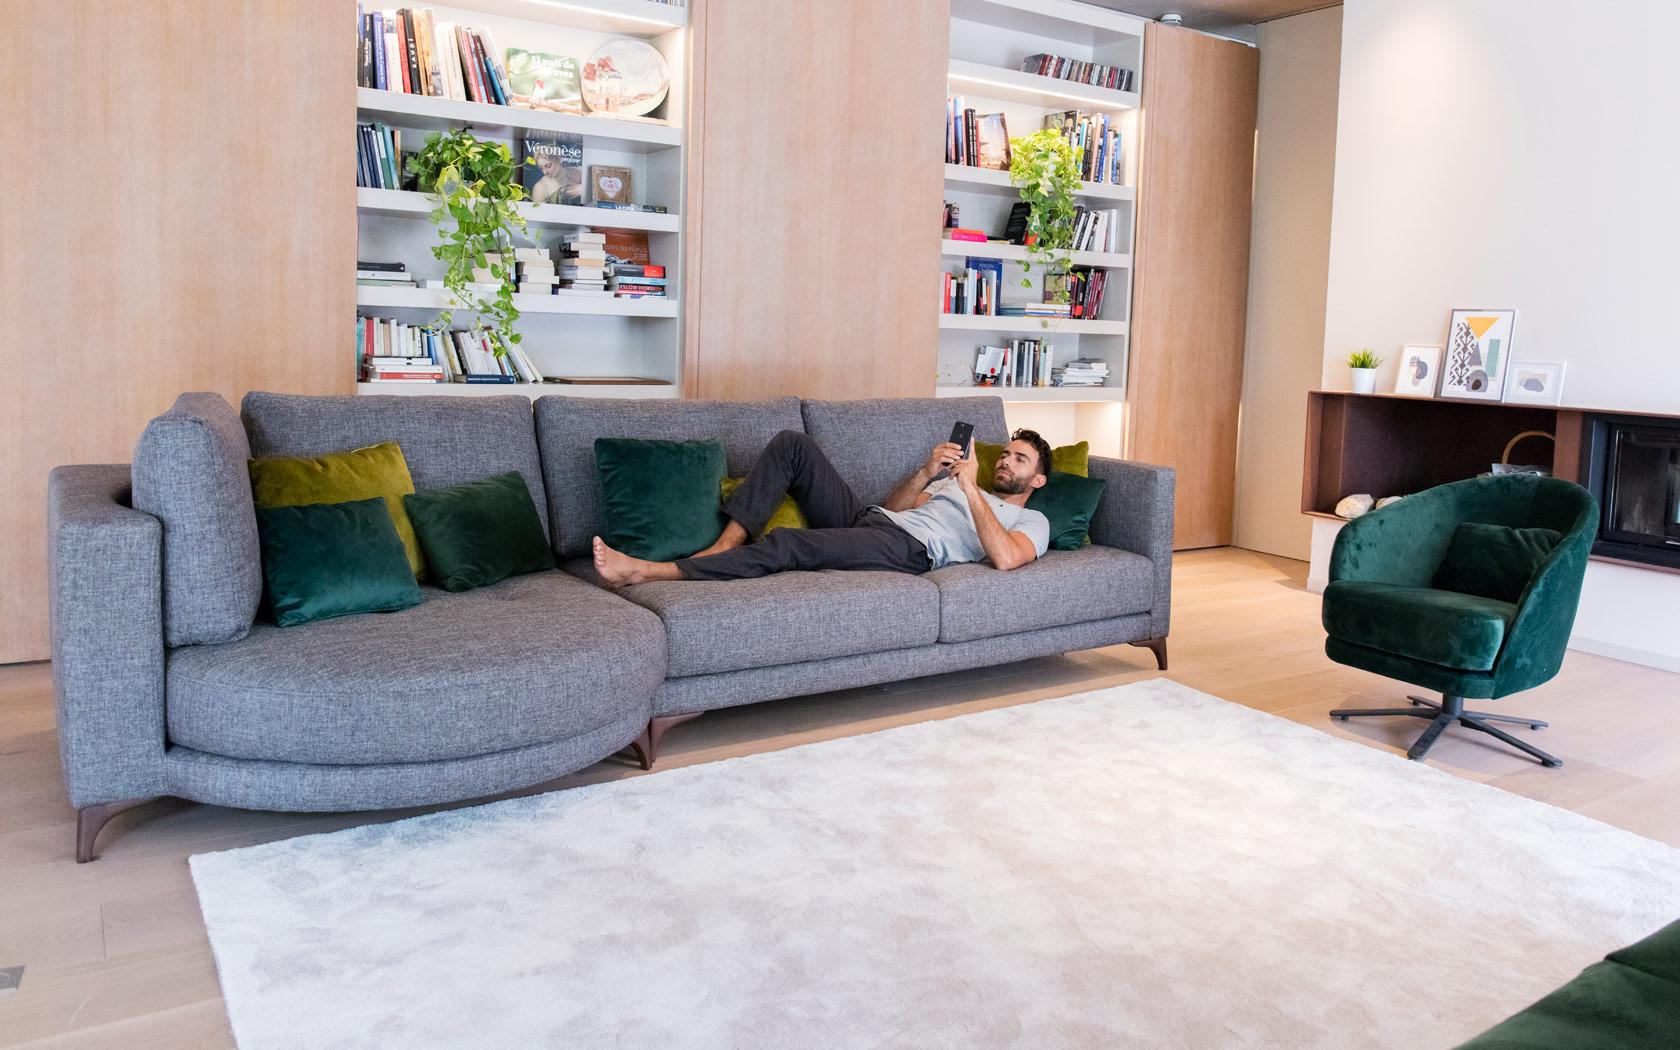 Opera sofa Fama 2020 04